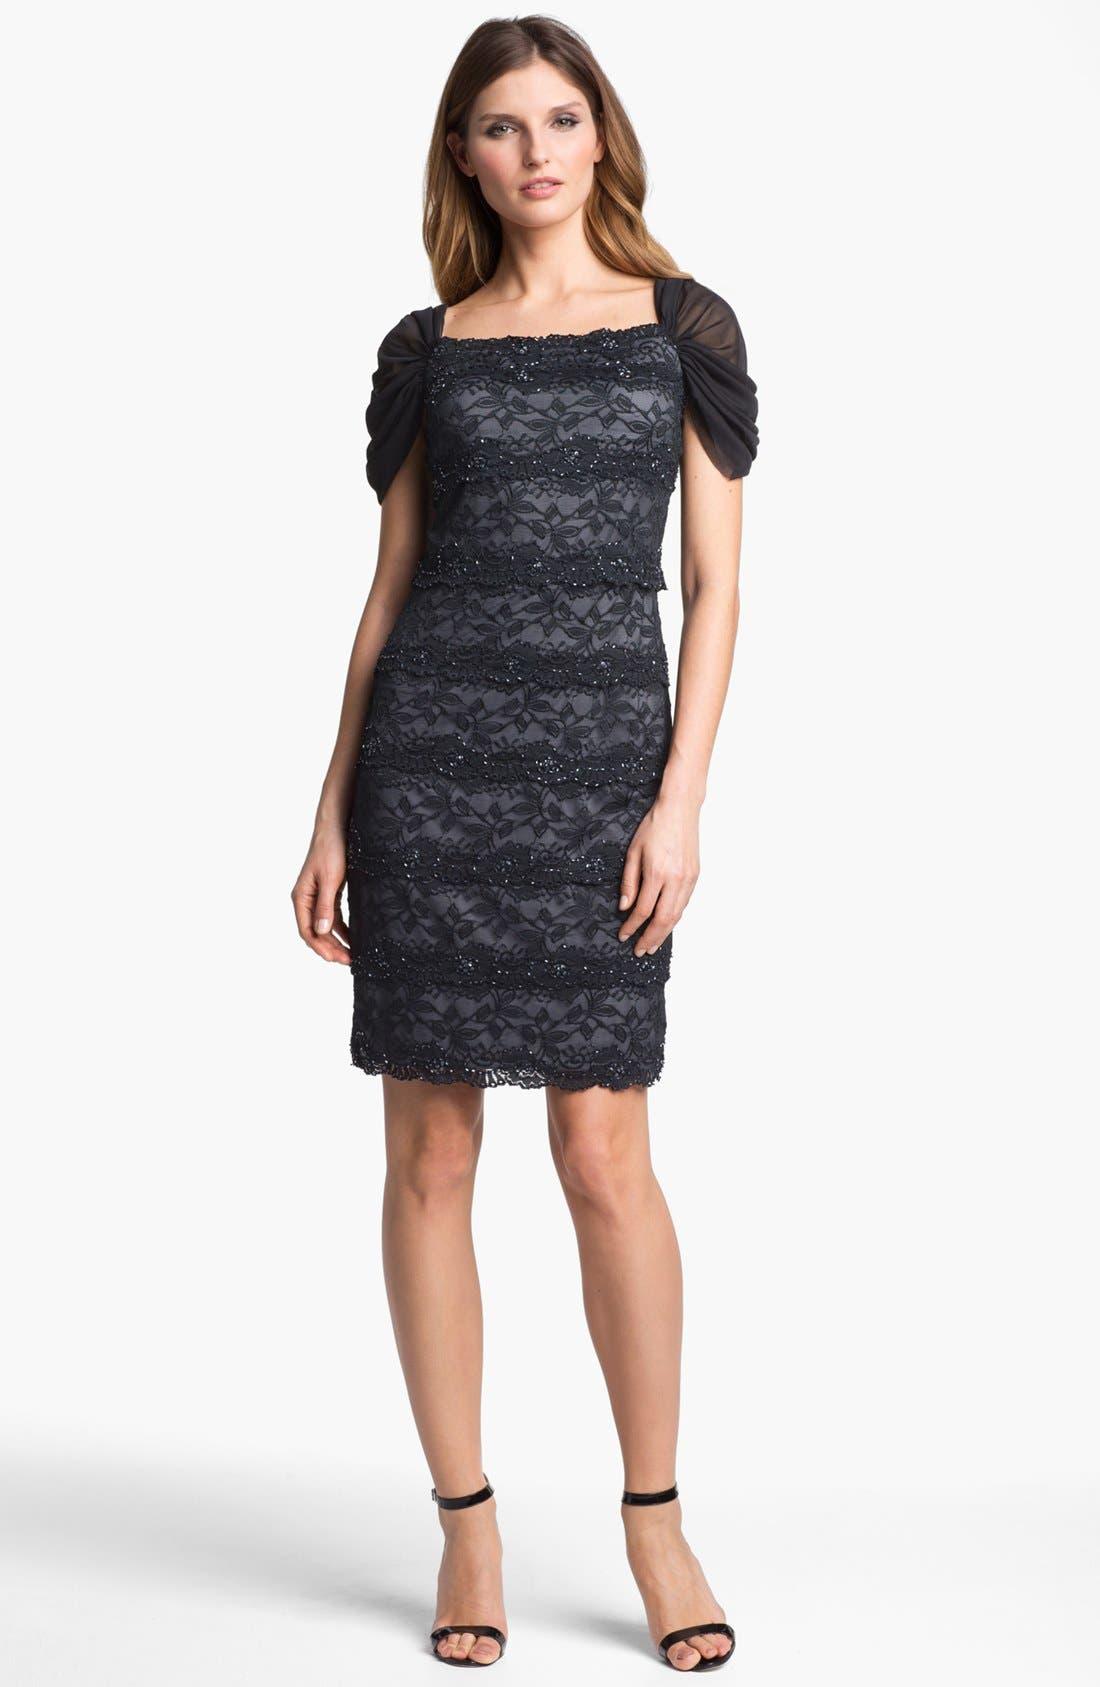 Alternate Image 1 Selected - Patra Embellished Lace Sheath Dress